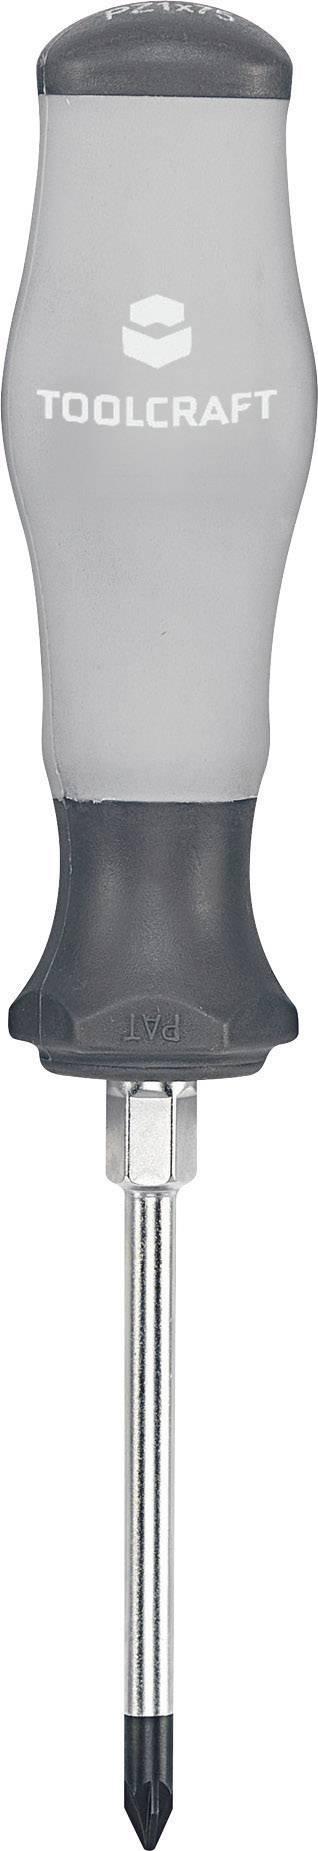 Krížový skrutkovač TOOLCRAFT 820736, PZ 1, dĺžka čepele: 75 mm